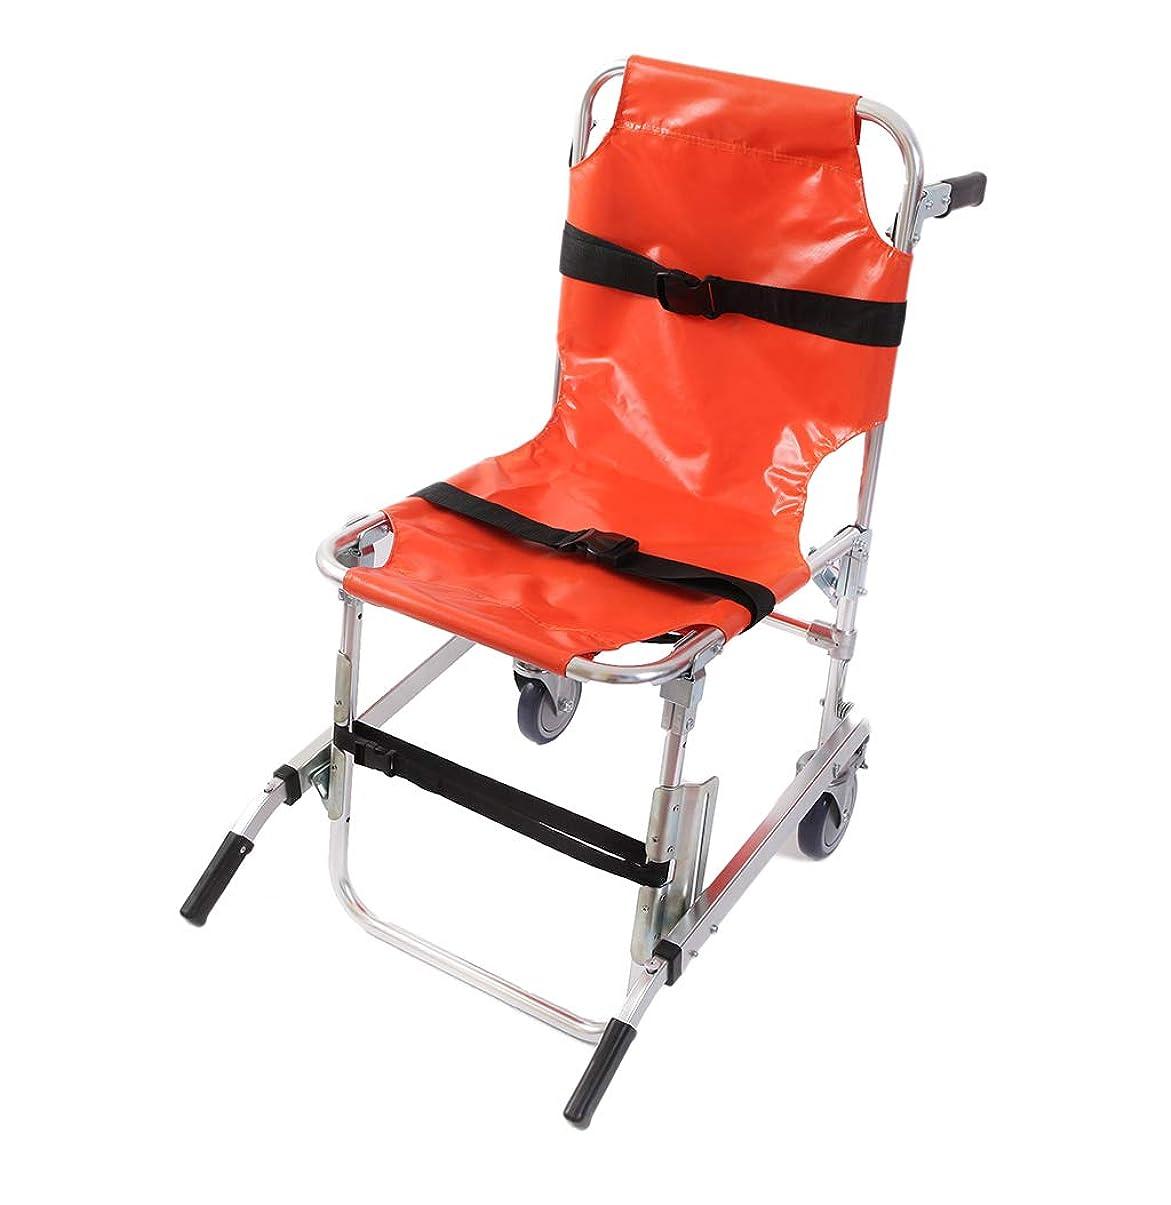 文房具シャワー引退したEMS階段椅子、アルミニウムの軽量2クイックリリースバックル付きリフト付き医療輸送椅子